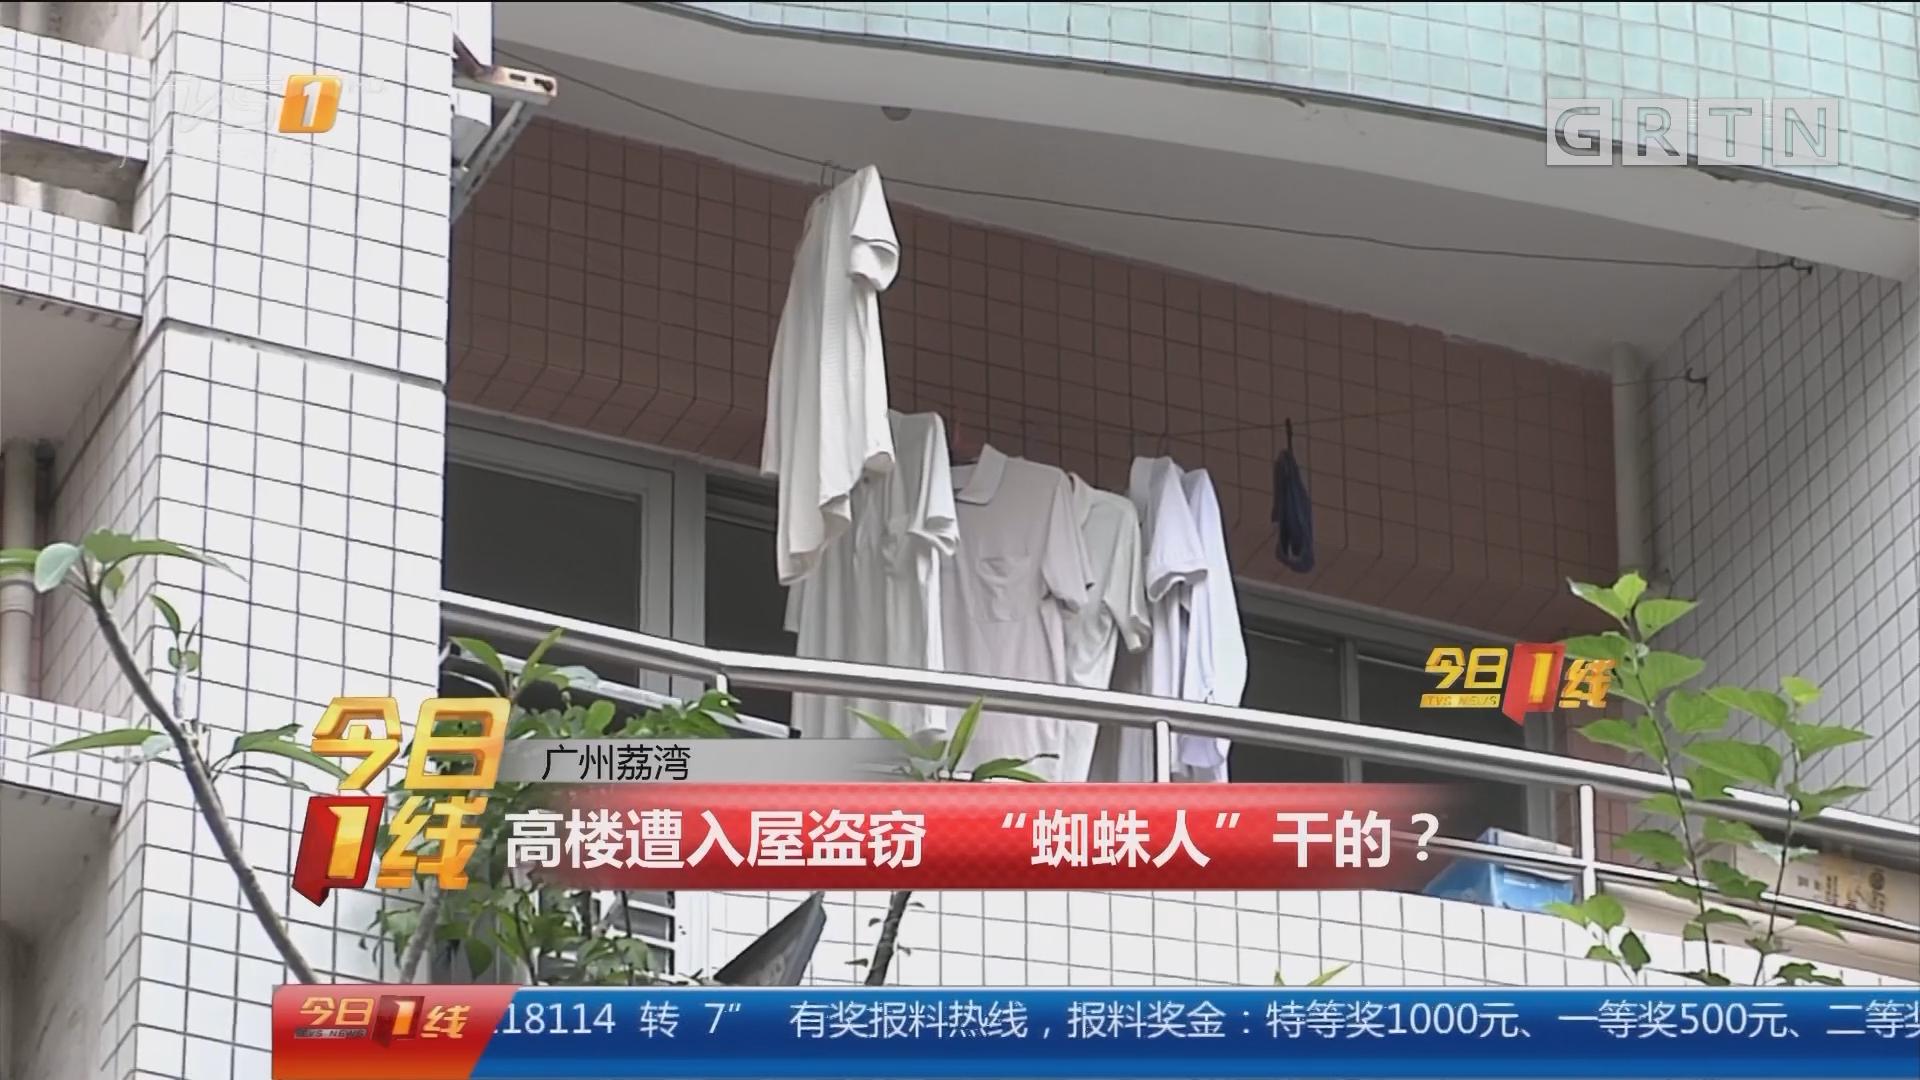 """广州荔湾:高楼遭入屋盗窃 """"蜘蛛人""""干的?"""